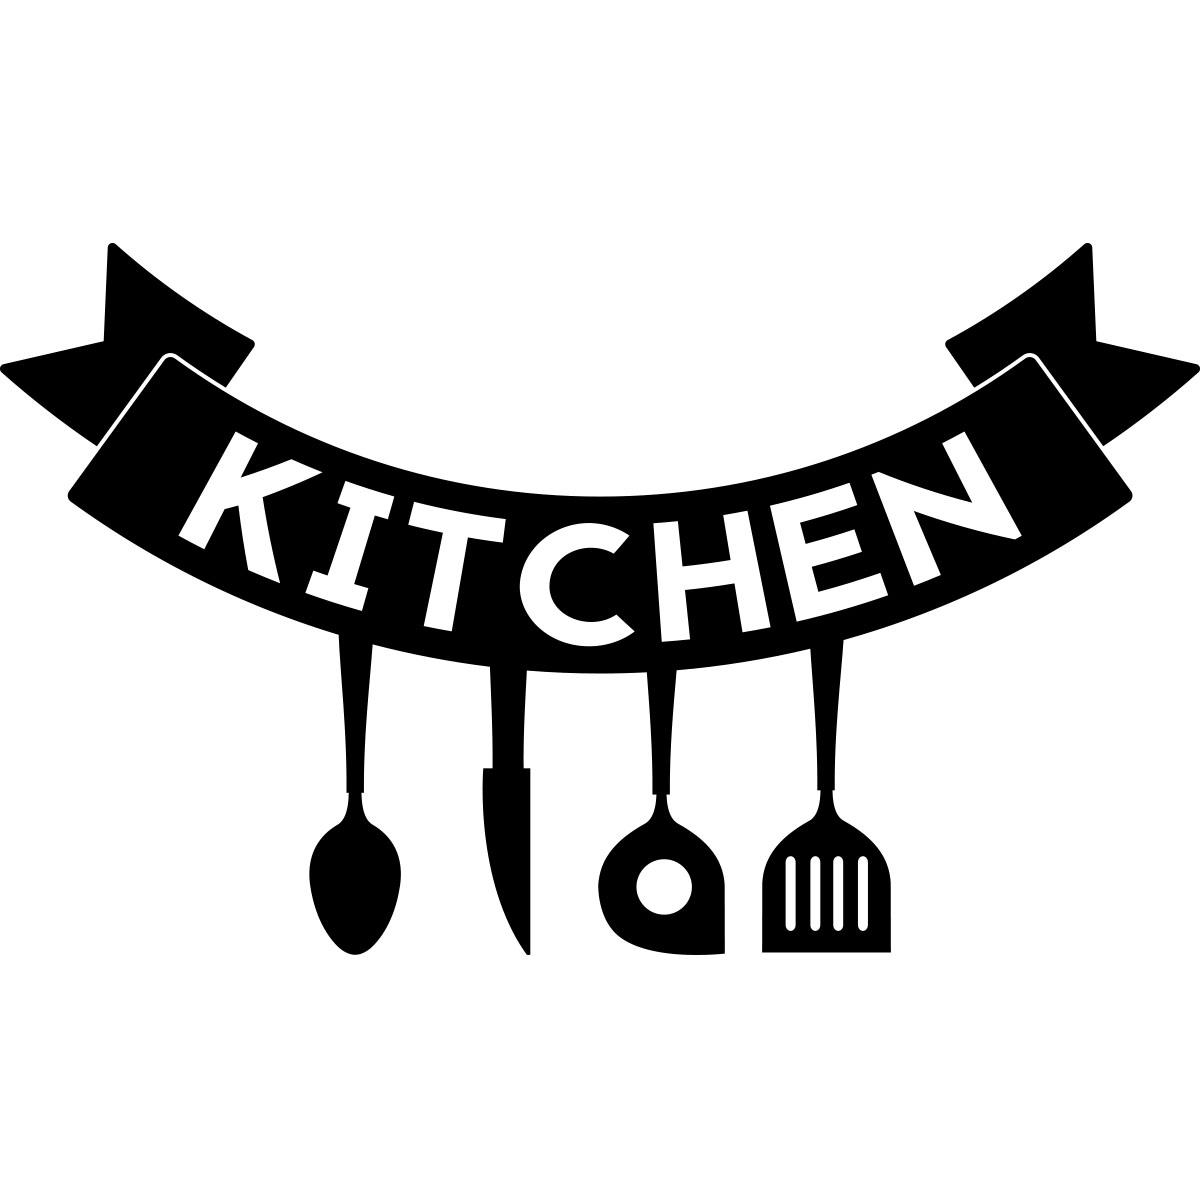 Sticker affiche kitchen stickers cuisine textes et for Affiche pour cuisine